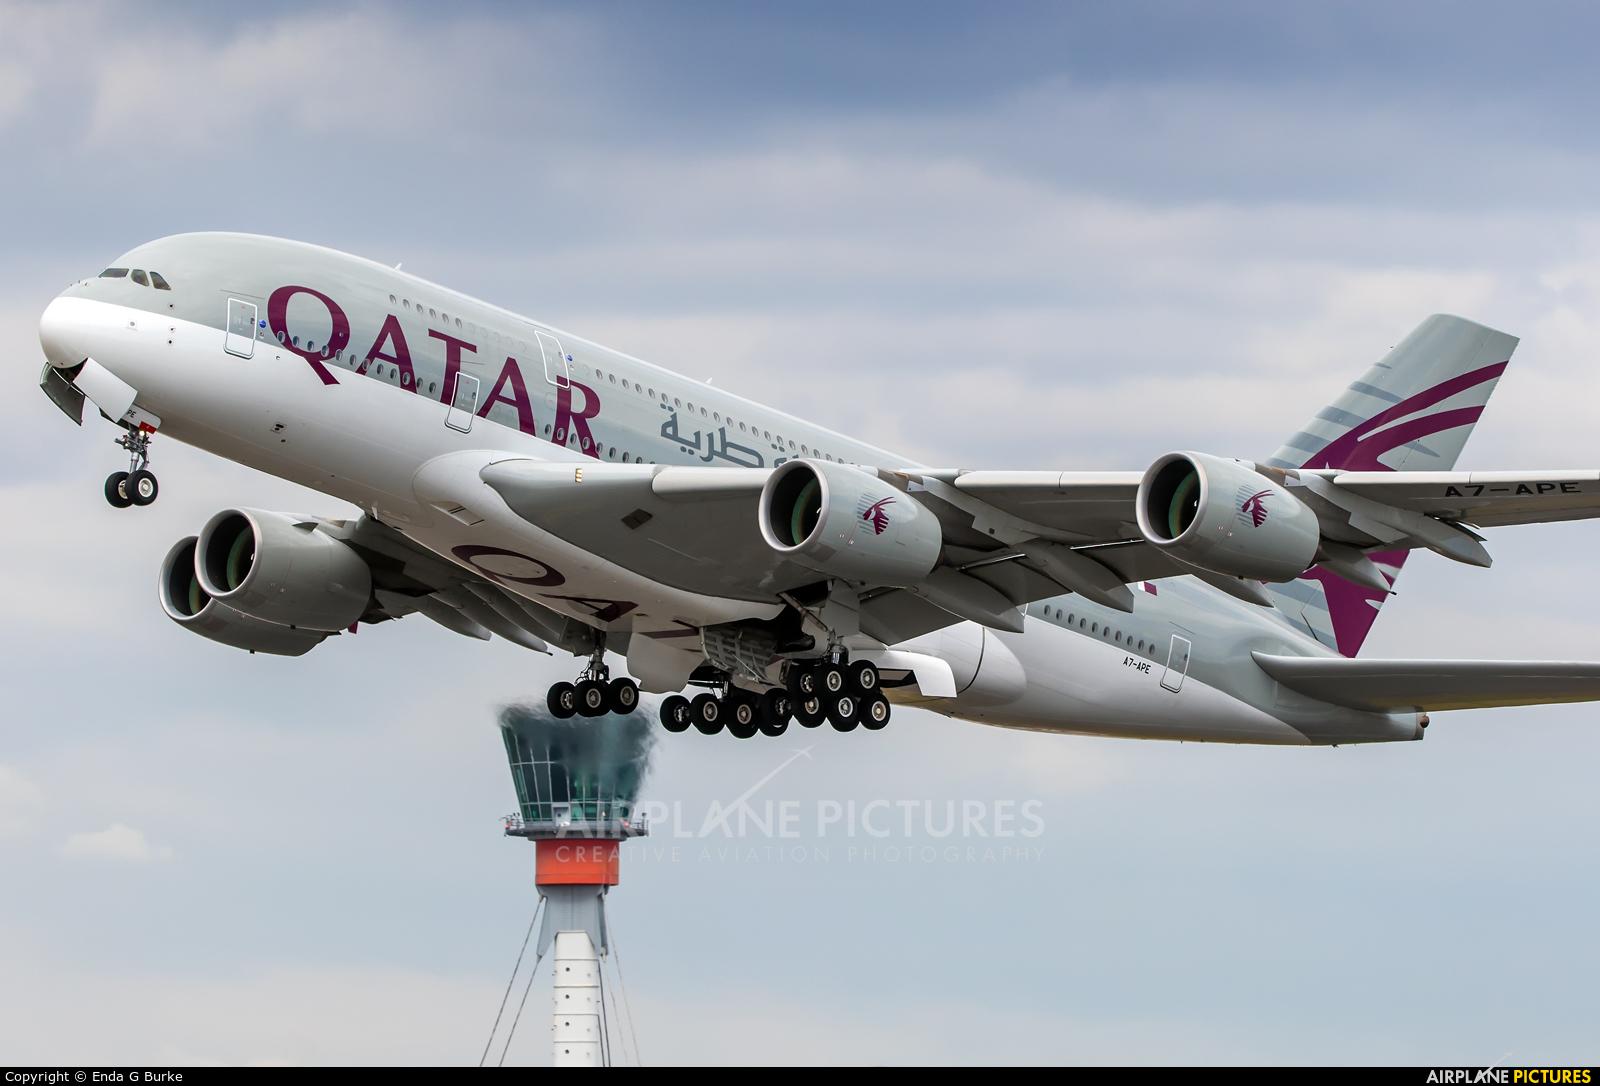 Qatar Airways A7-APE aircraft at London - Heathrow